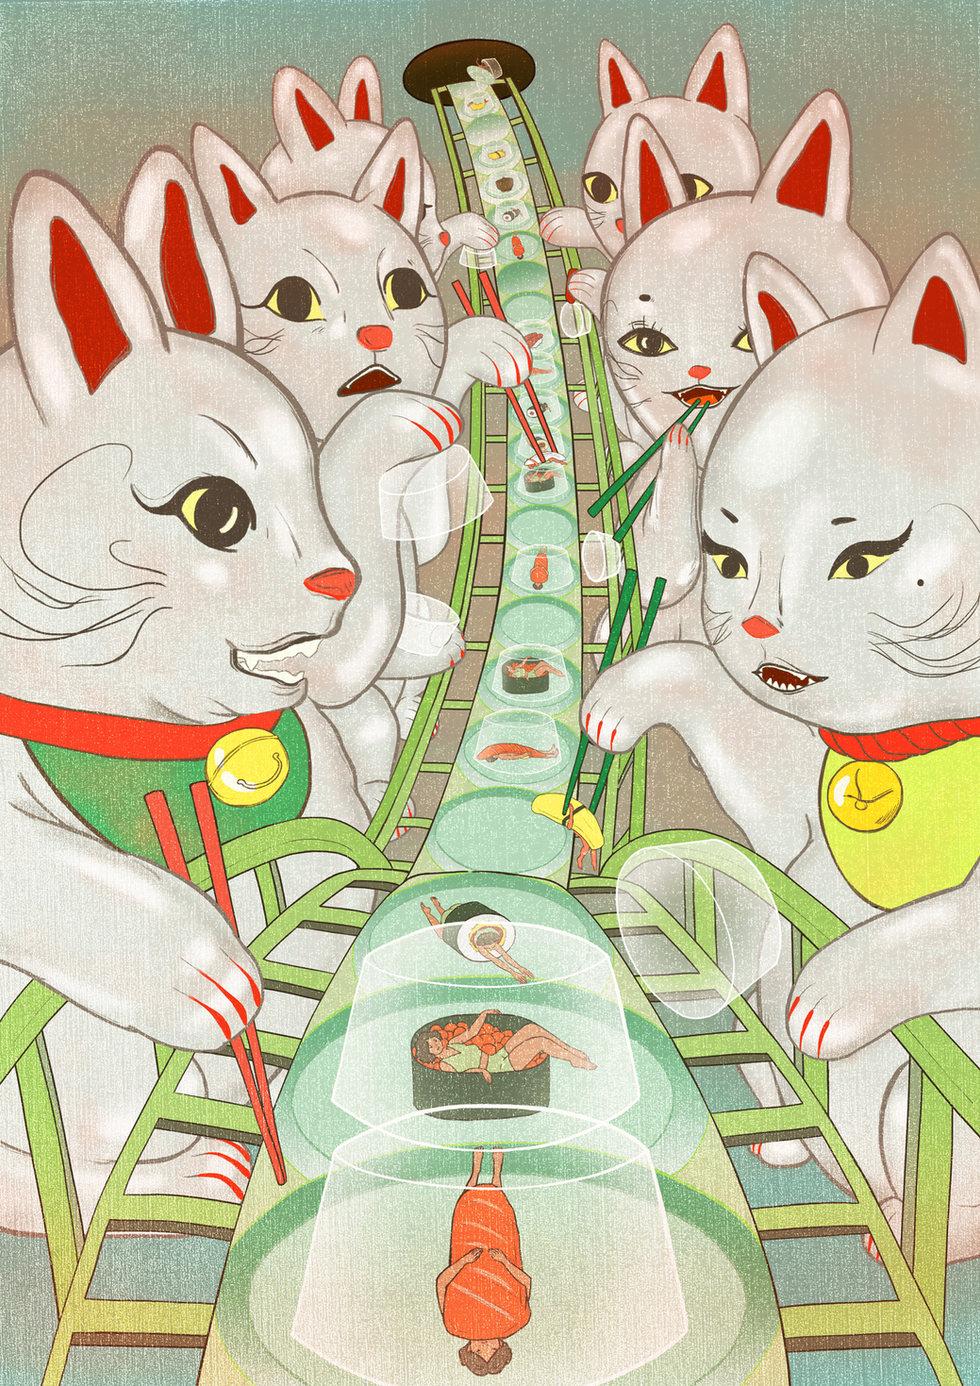 Roller Coaster Sushi Bar